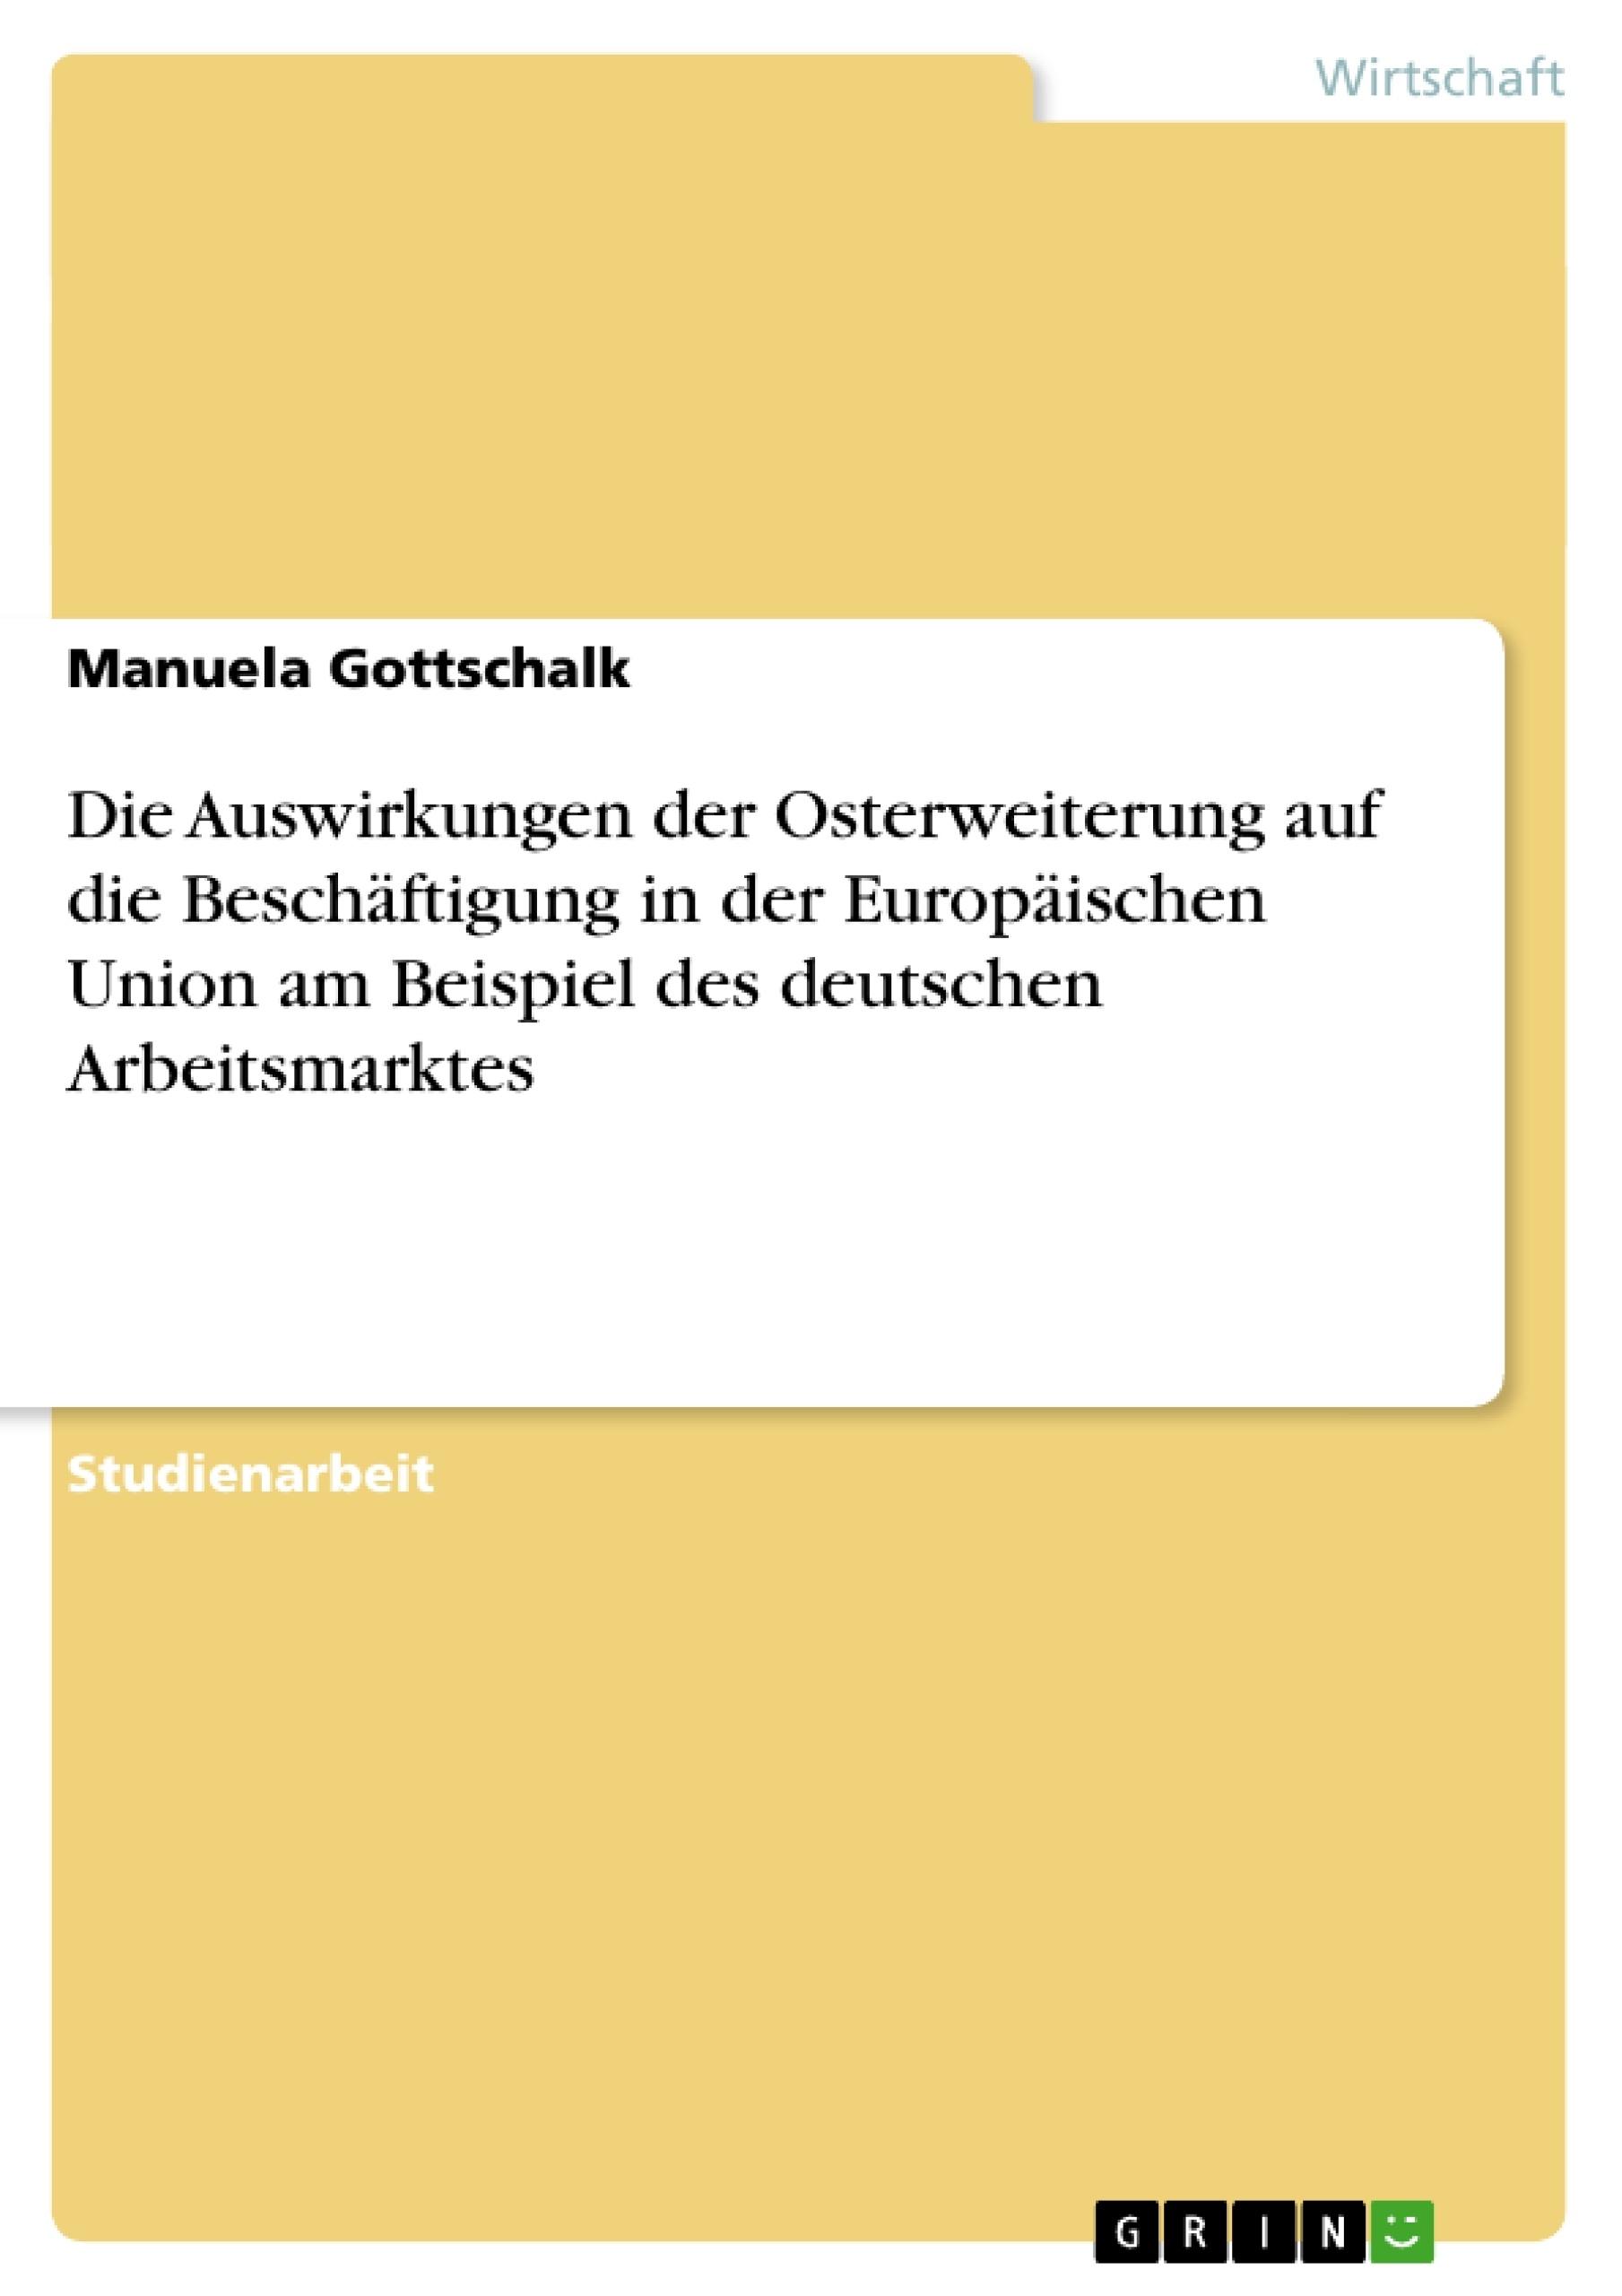 Titel: Die Auswirkungen der Osterweiterung auf die Beschäftigung in der Europäischen Union am Beispiel des deutschen Arbeitsmarktes